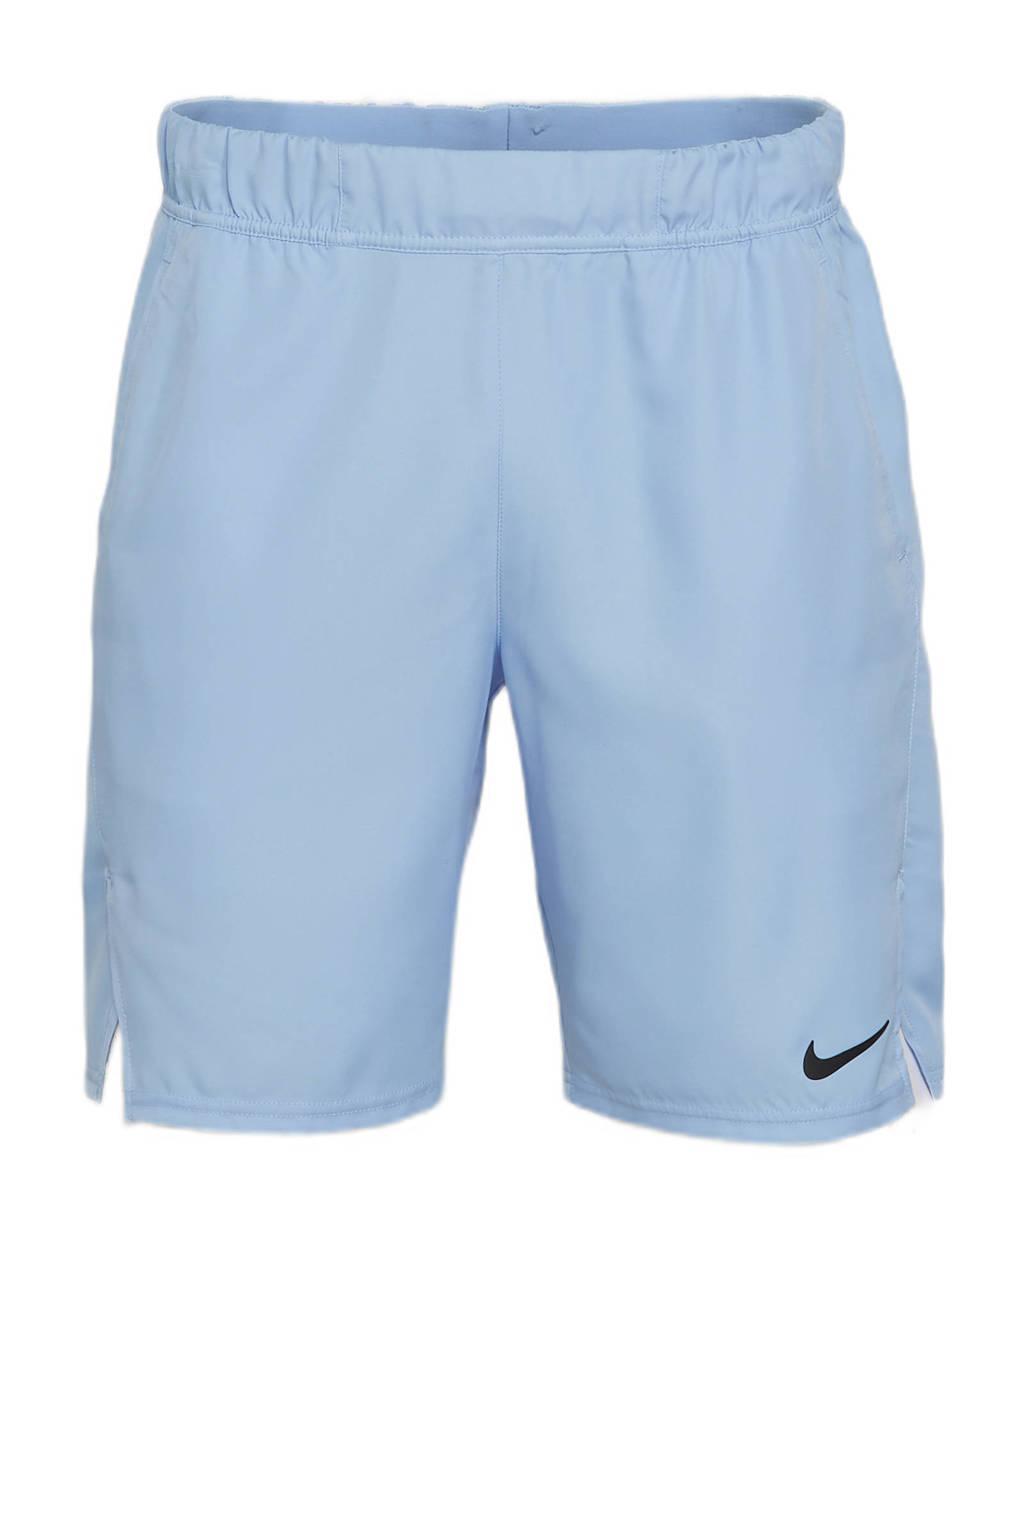 Nike   sportshort lichtblauw/zwart, Lichtblauw/zwart